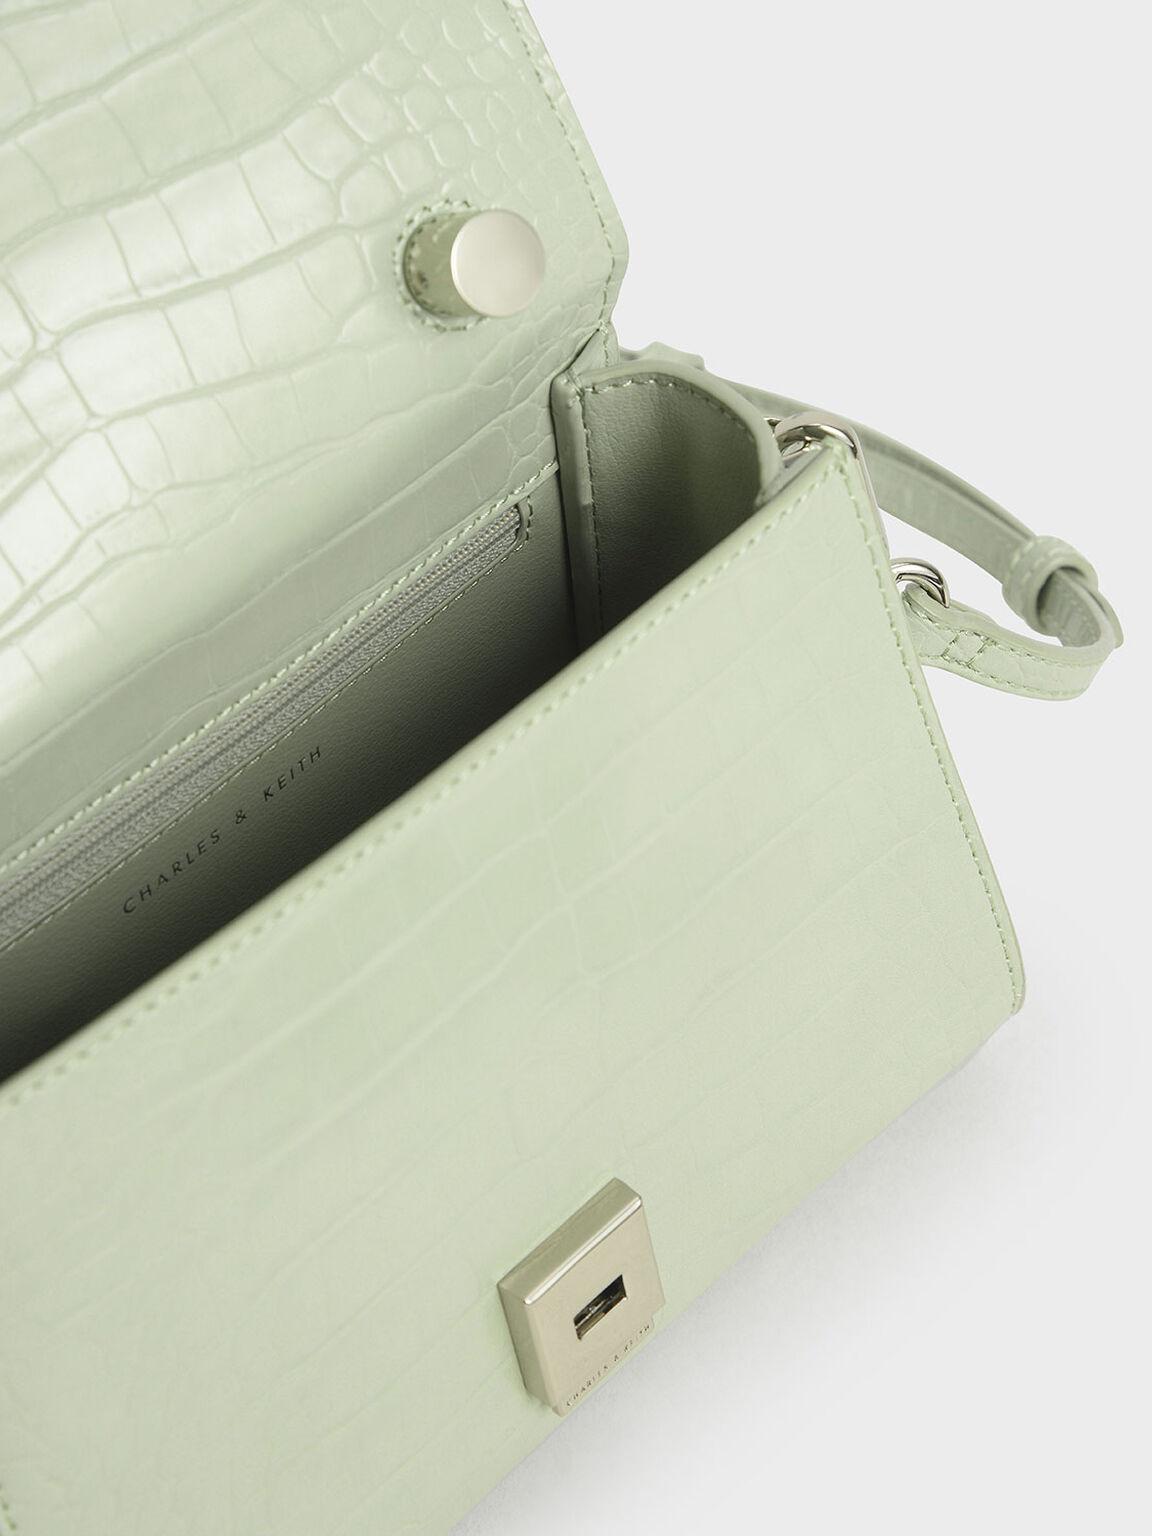 鱷魚紋經典手提包, 薄荷綠, hi-res